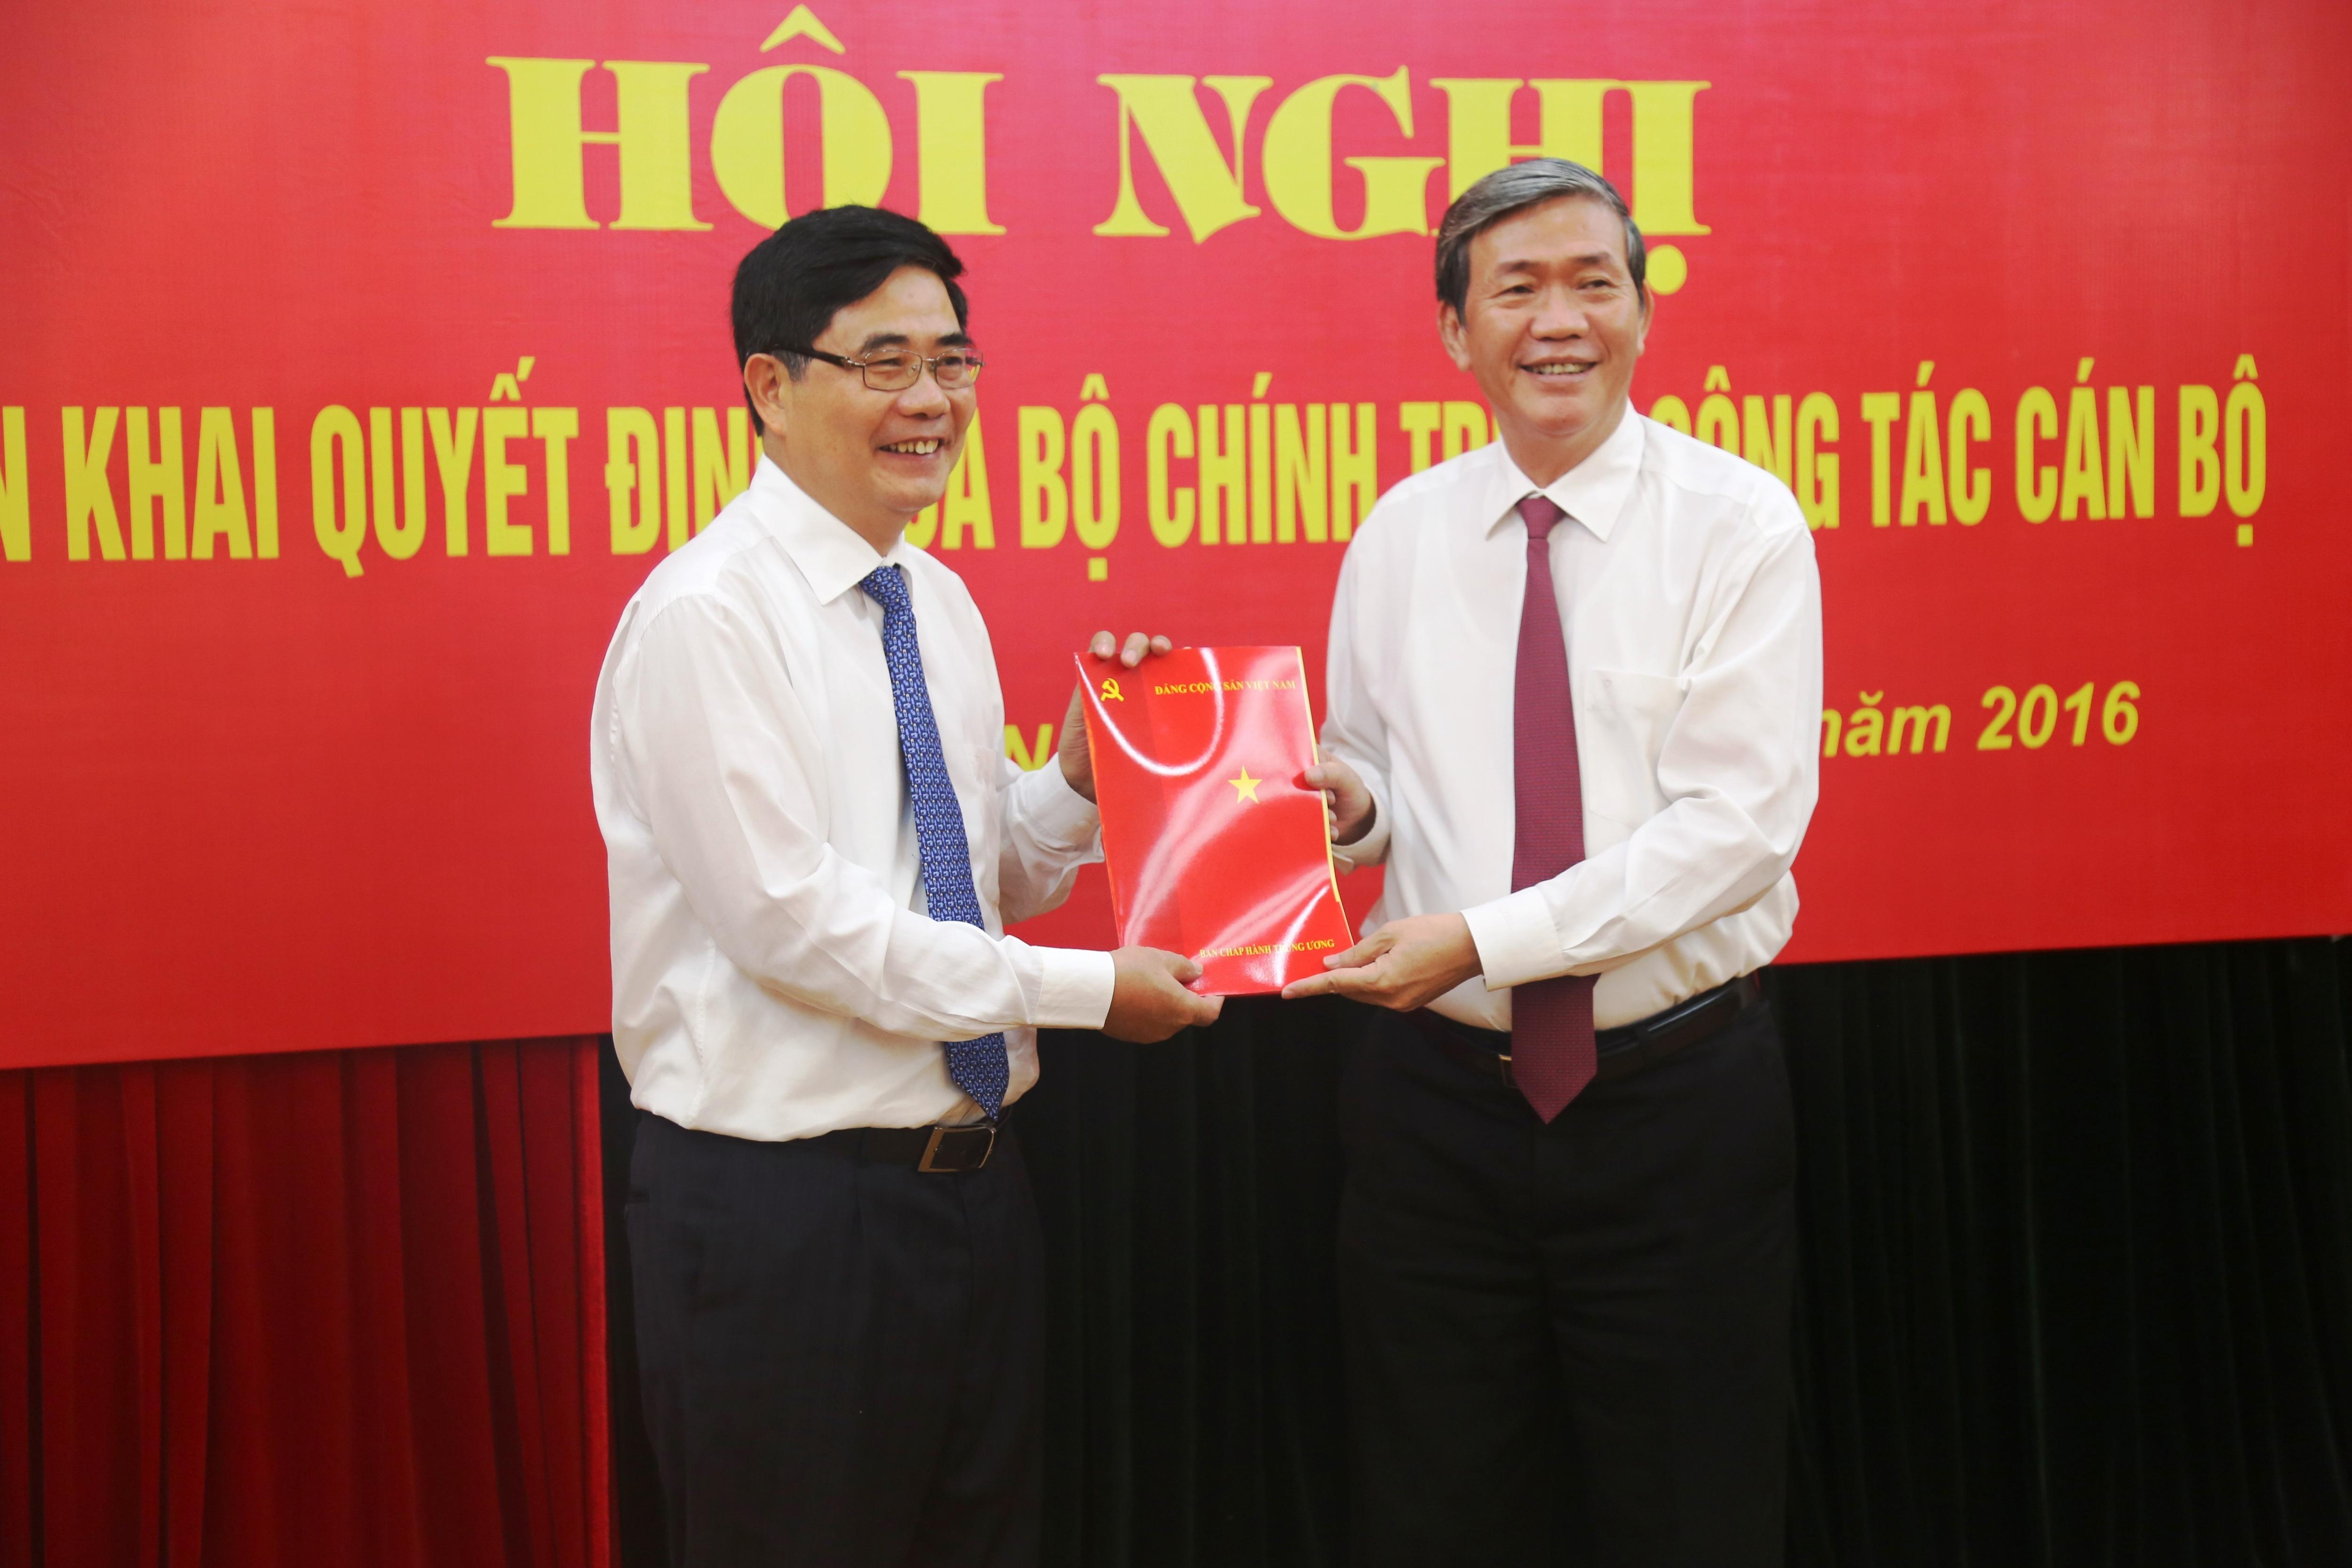 Ông Đinh Thế Huynh (phải) trao quyết định của Bộ Chính trị và chúc mừng ông Cao Đức Phát được điều động giữ chức vụ Phó Trưởng Ban Thường trực Ban Kinh tế Trung ương.